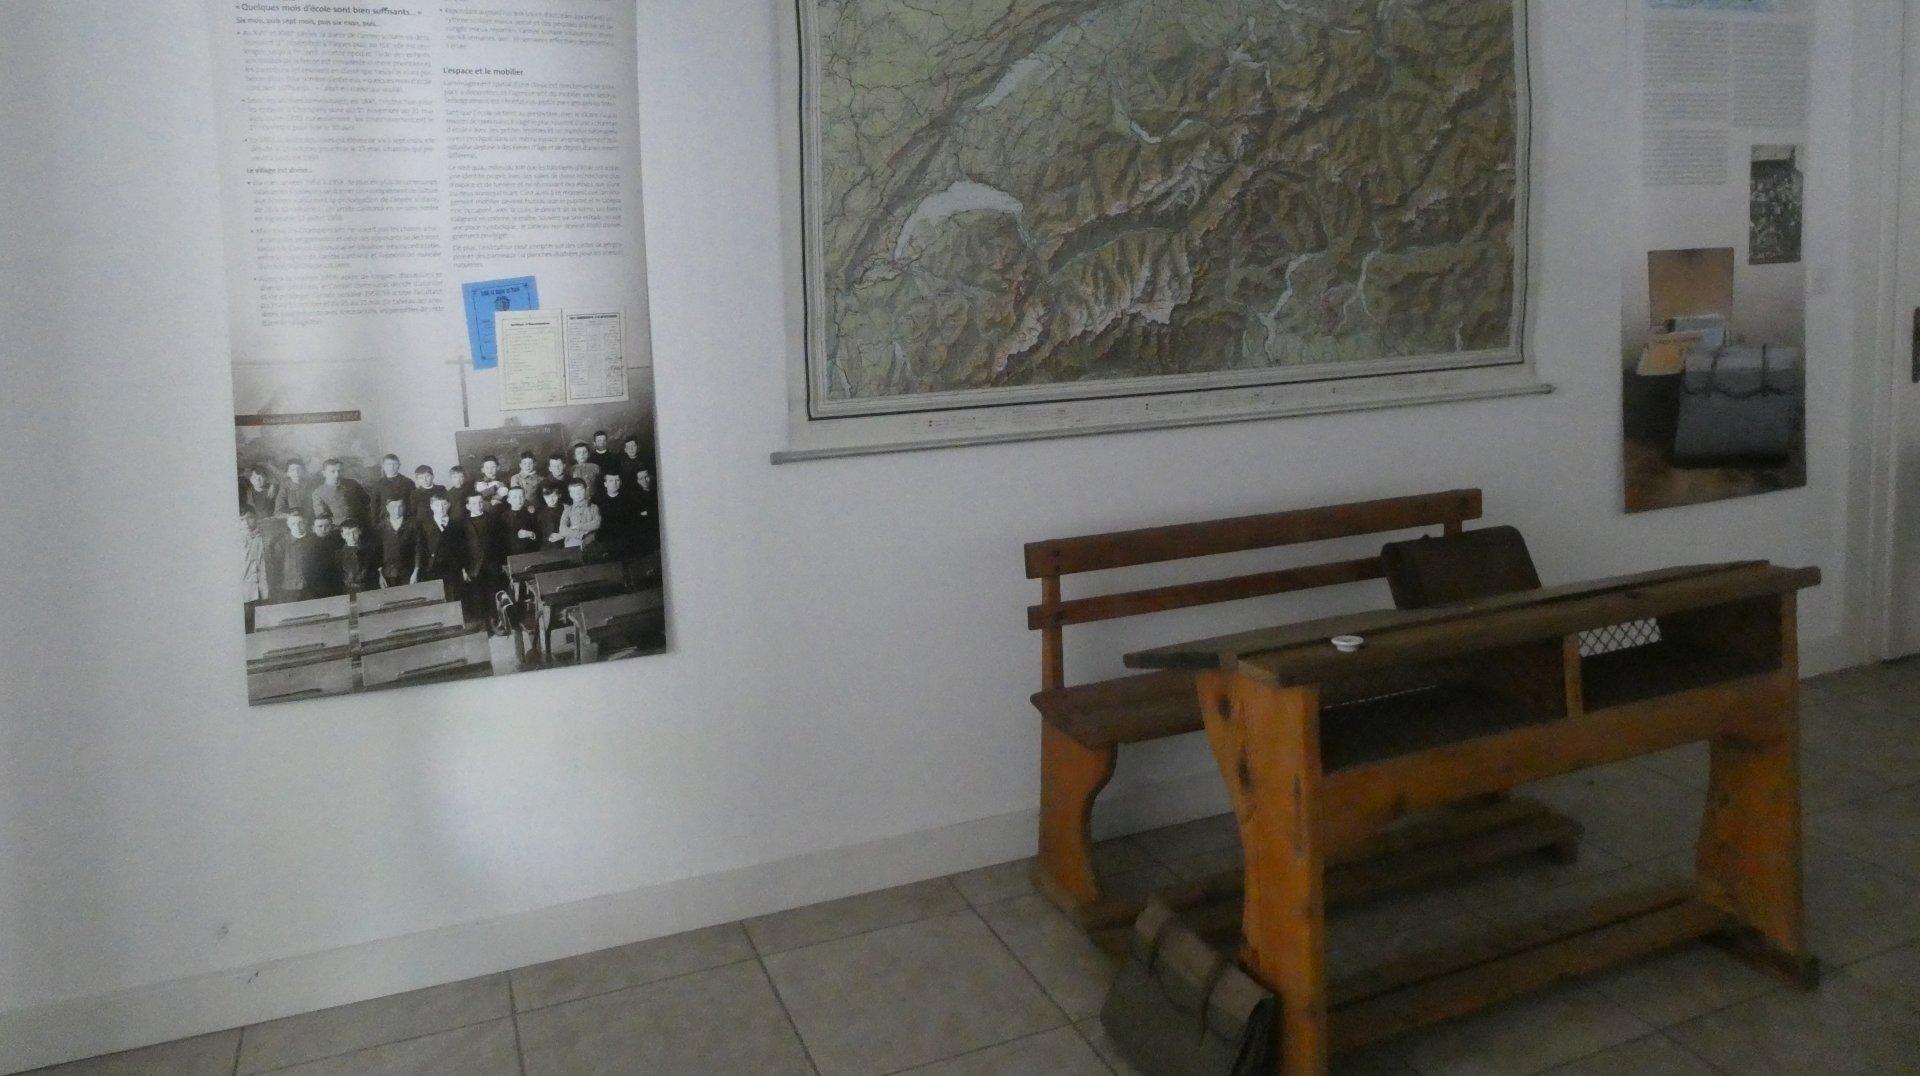 Documents et panneaux enrichissent la visite ainsi que des objets d'époque, comme ce vieux banc d'école.